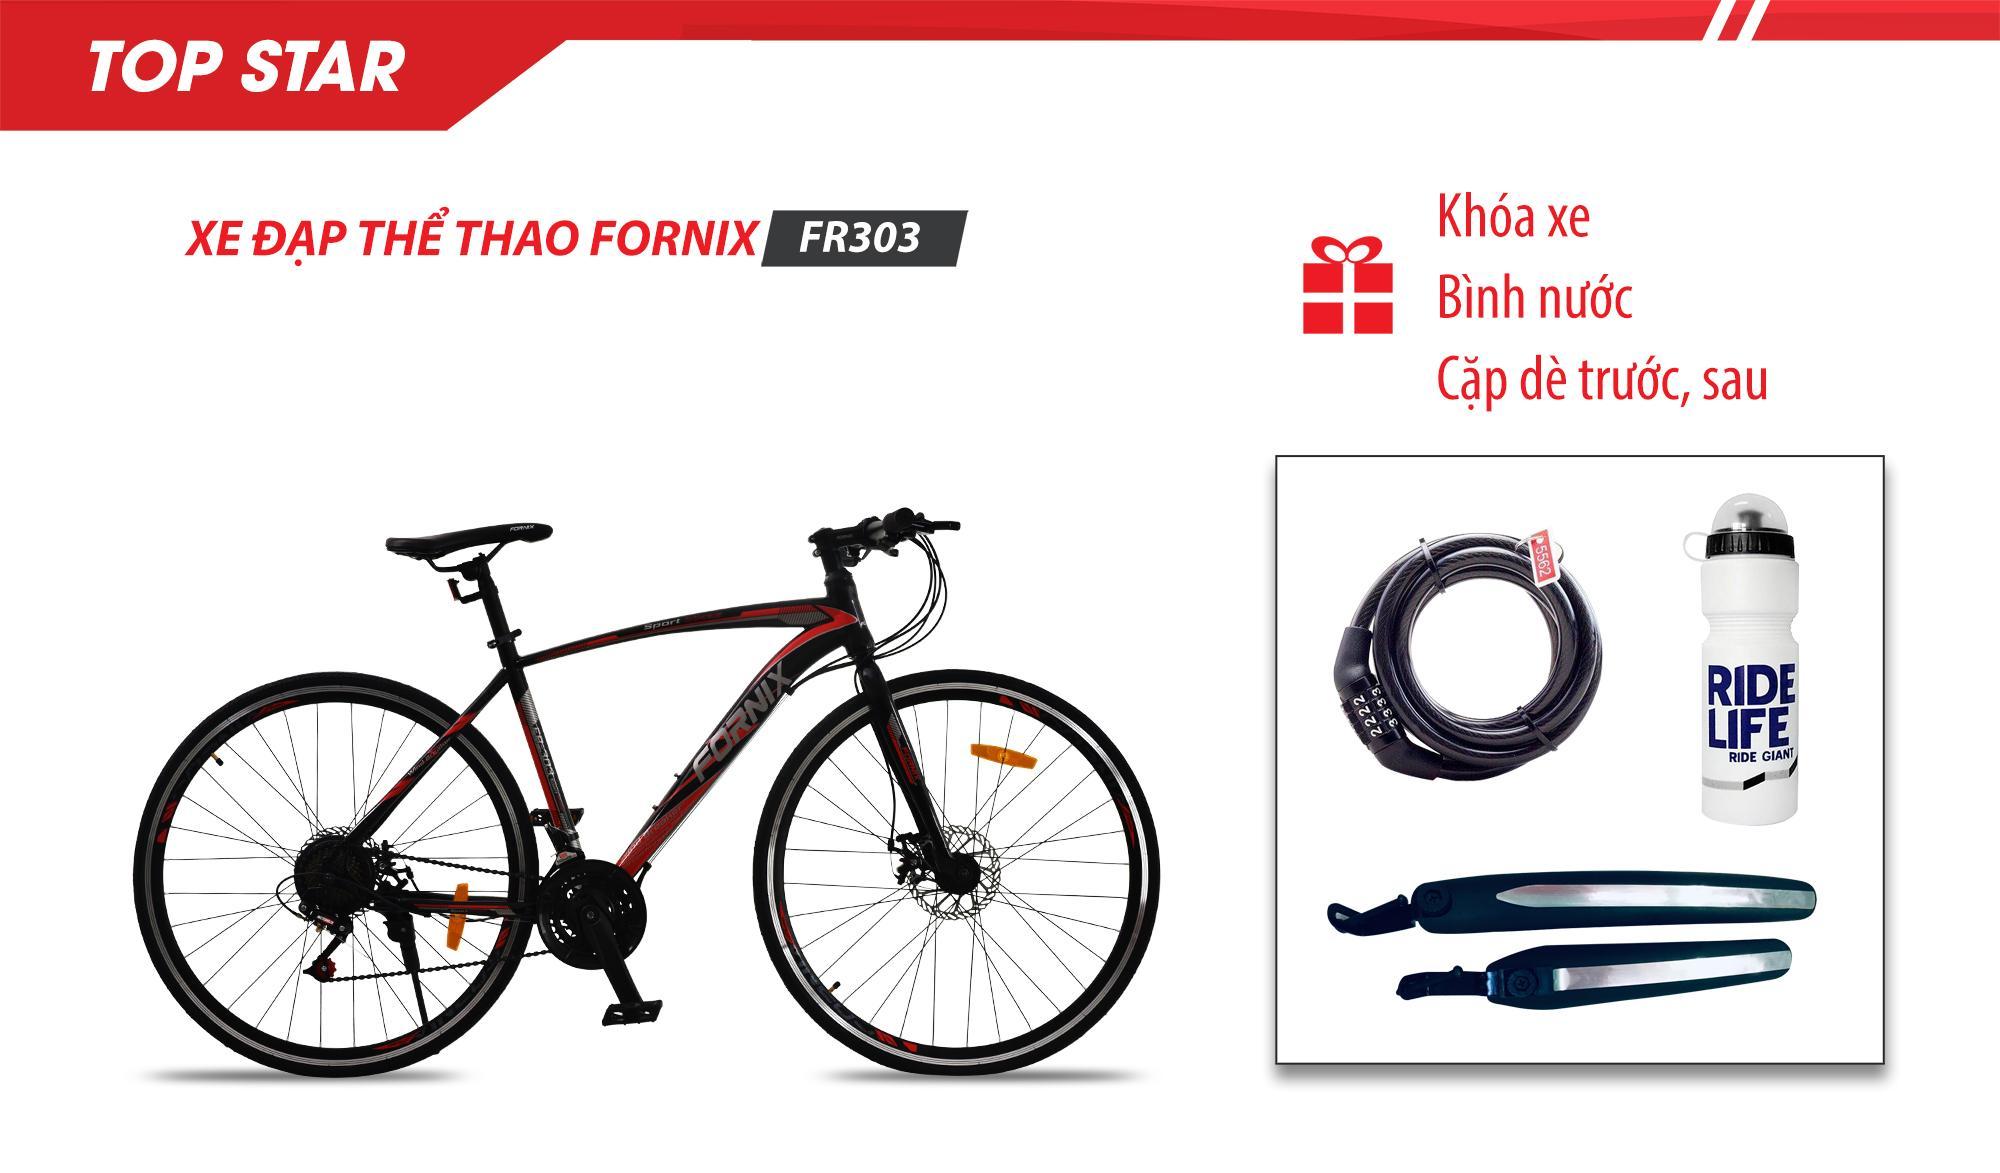 Mua Xe đạp thể thao FR-303, Vòng bánh 700C- Bảo hành 12 tháng + (gift) Khóa xe cao cấp- Bình nước- Cặp dè